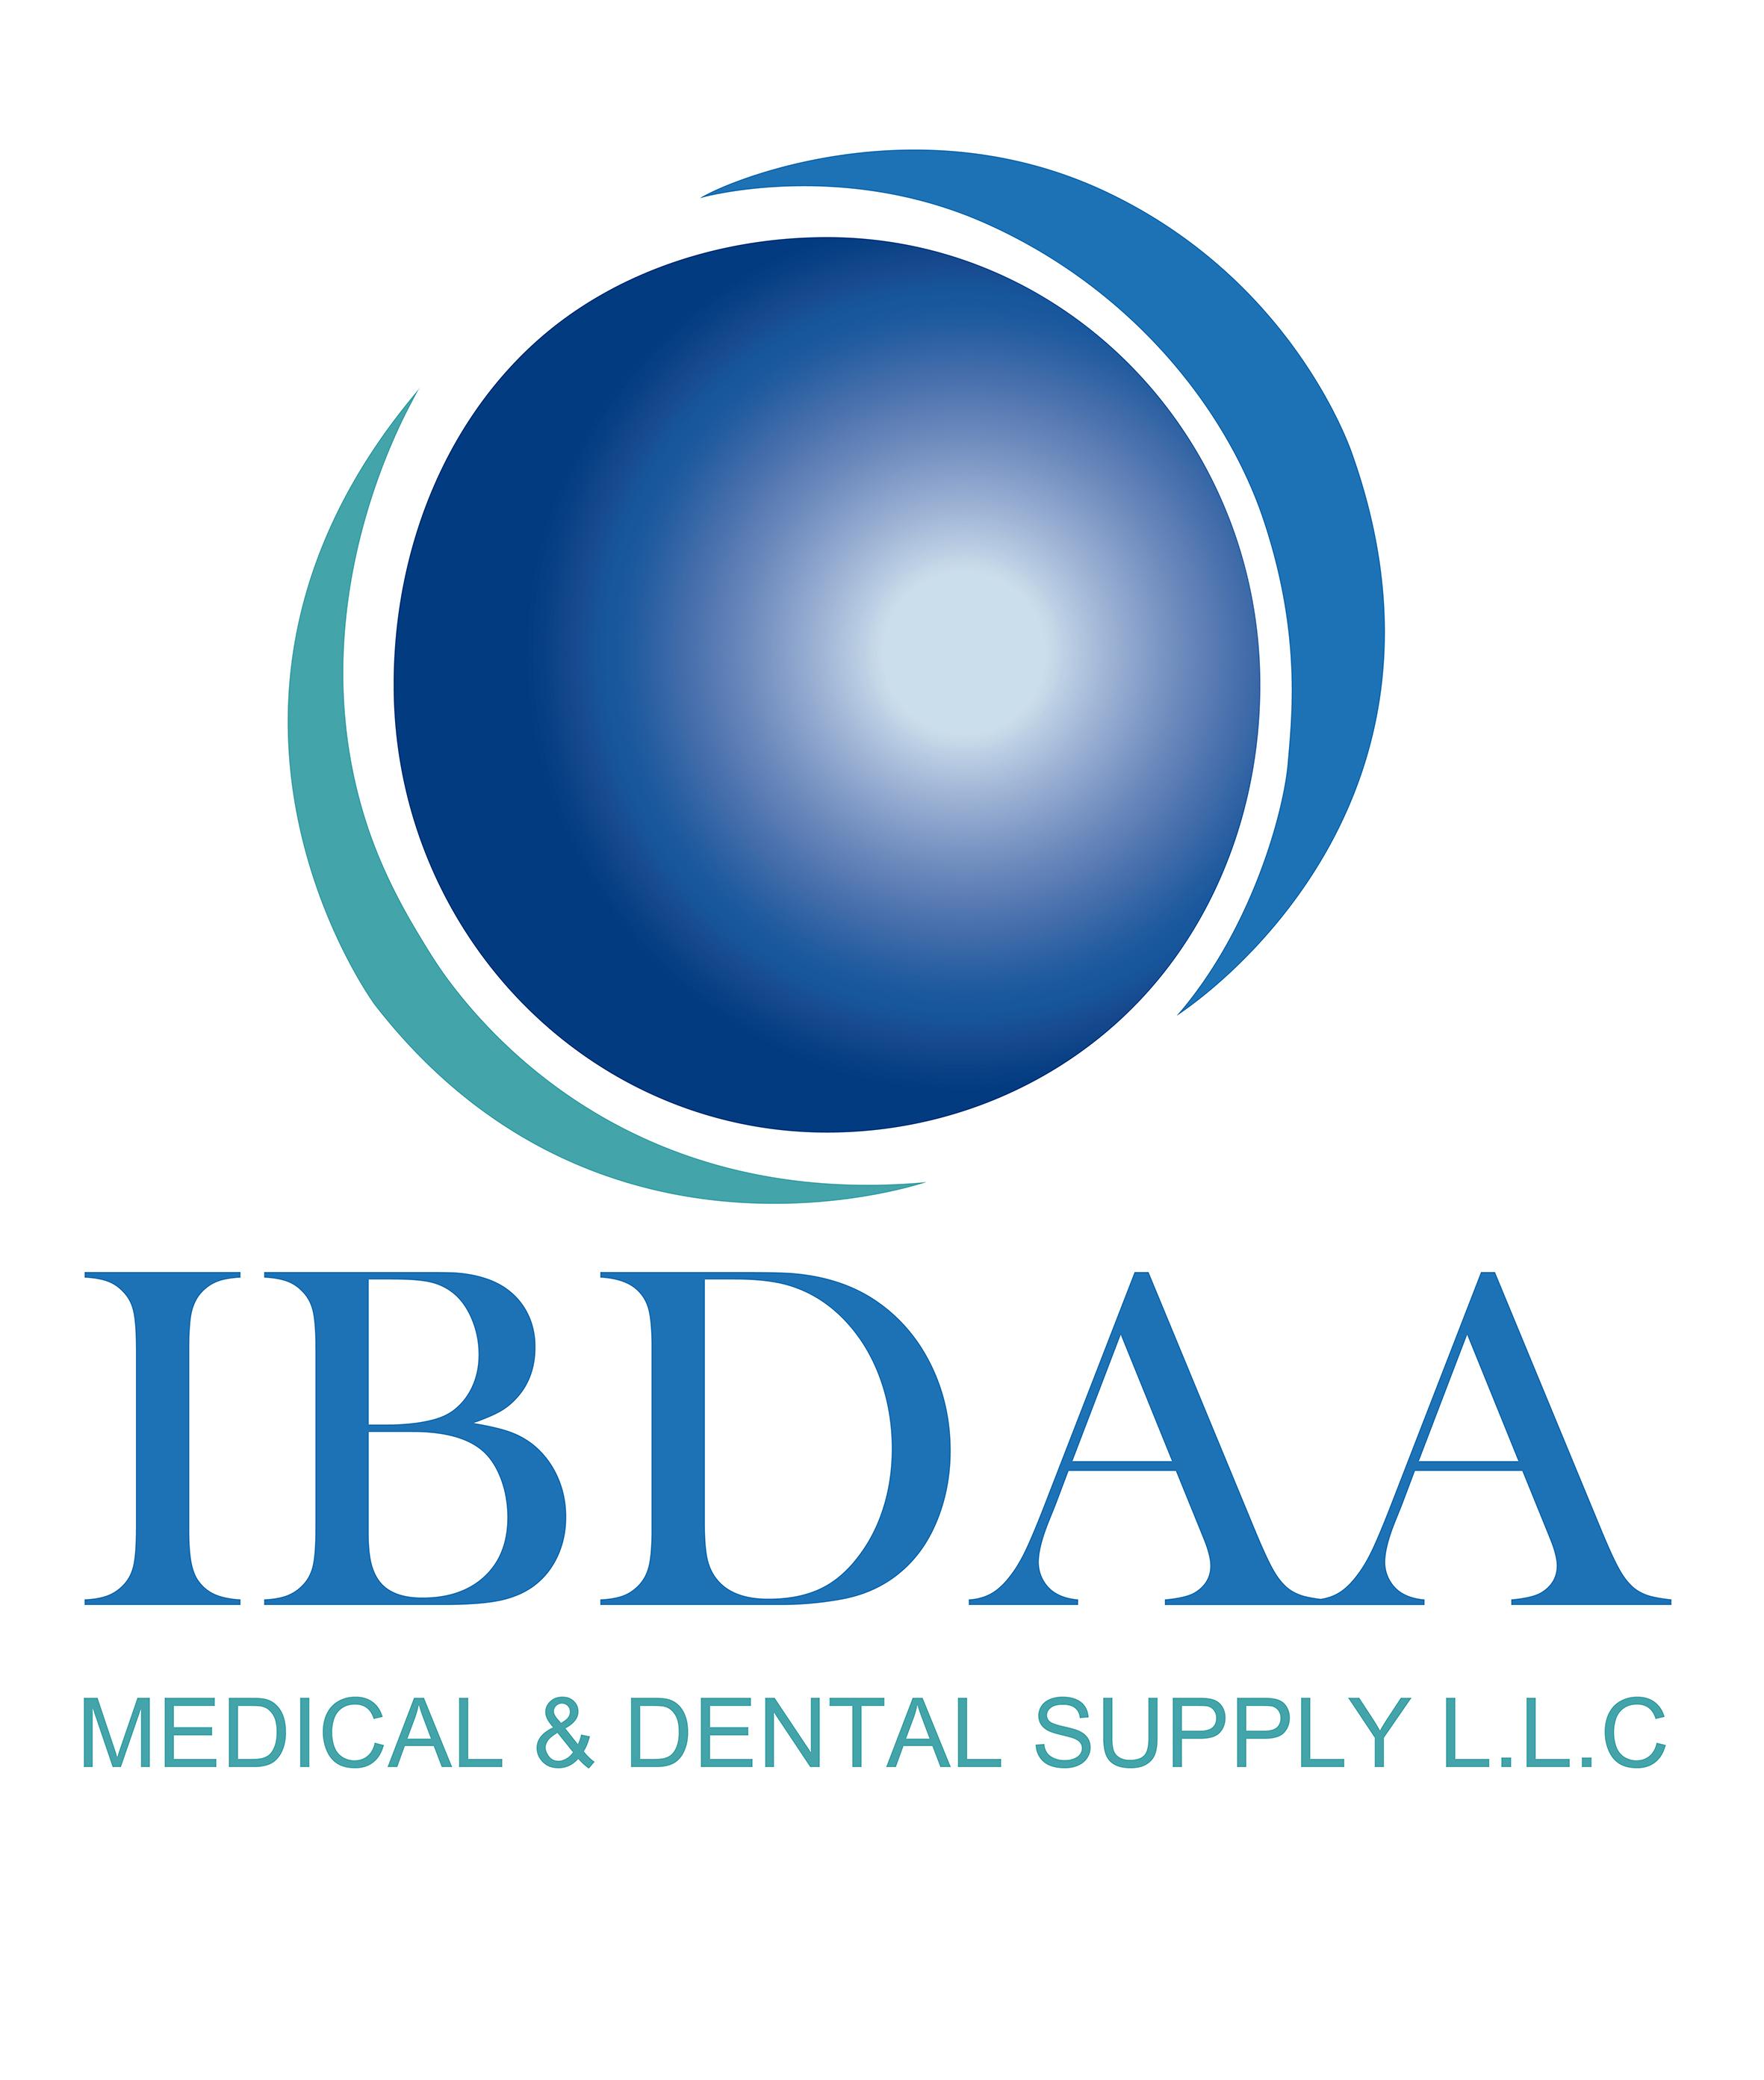 IBDAA Medical & Dental Supply LLC